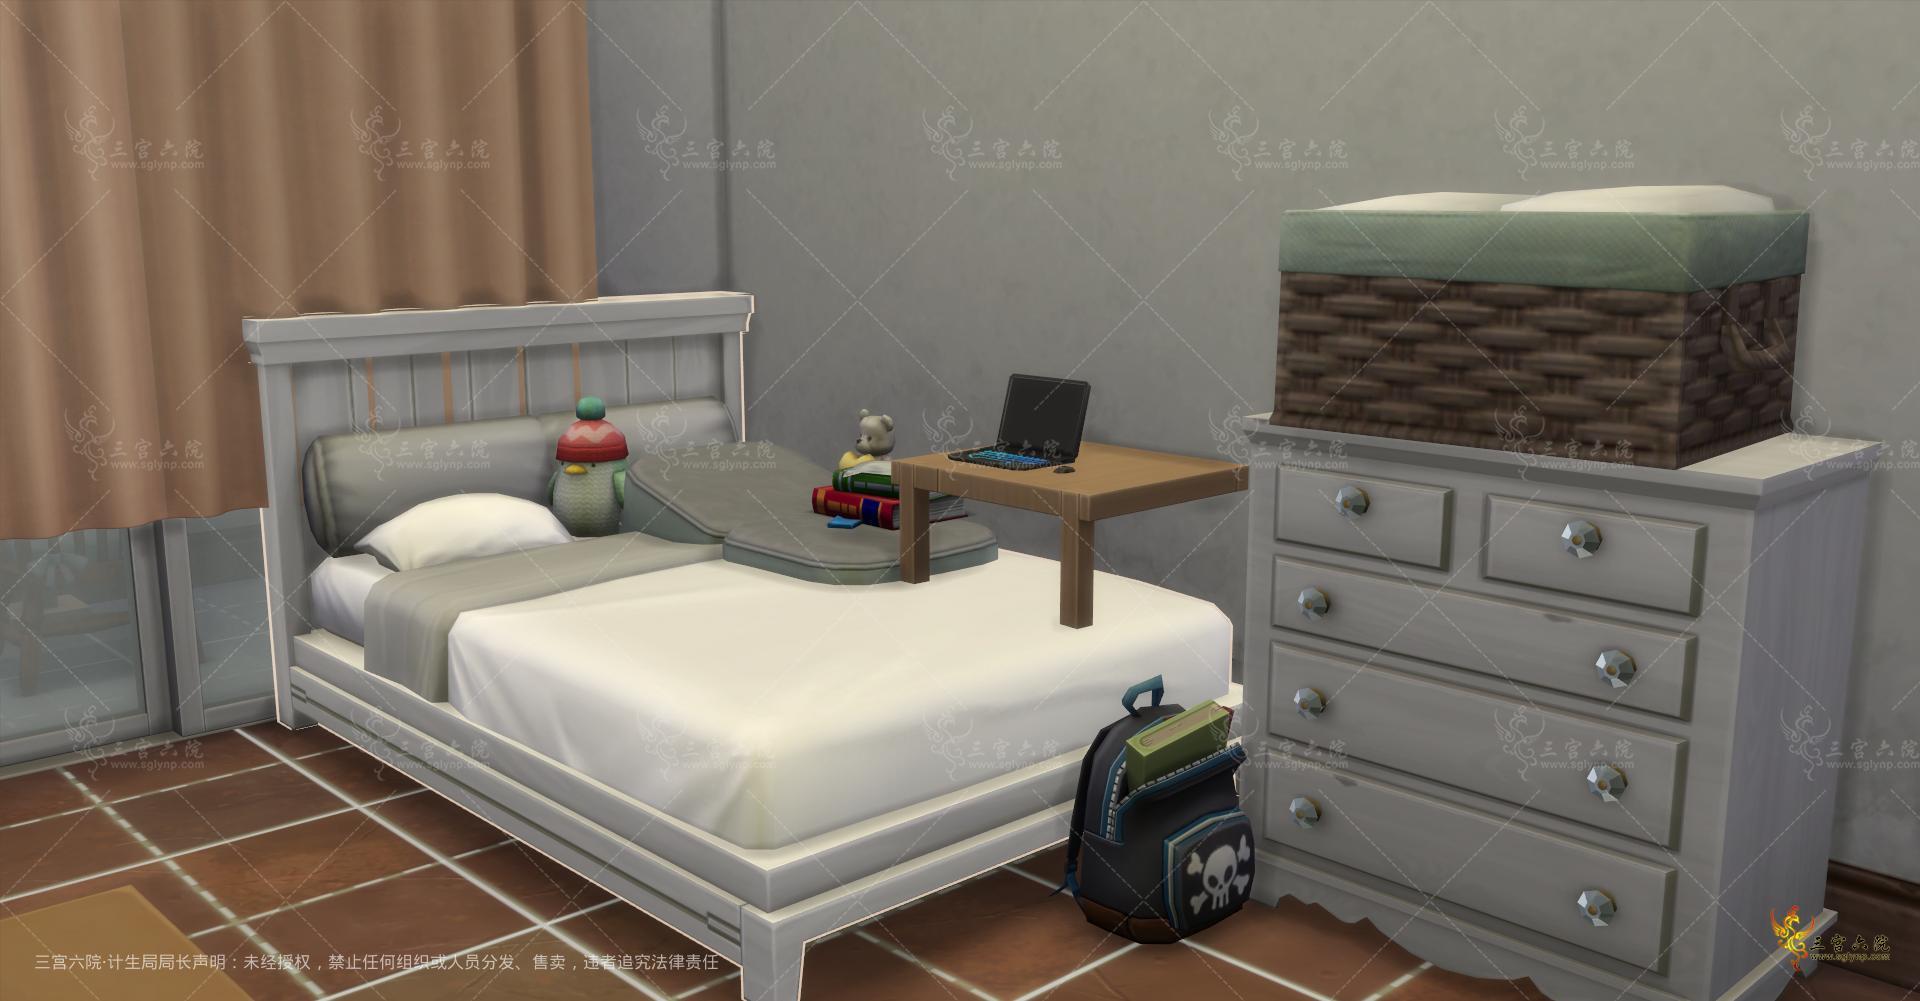 Sims 4 Screenshot 2021.10.04 - 22.22.31.73.png